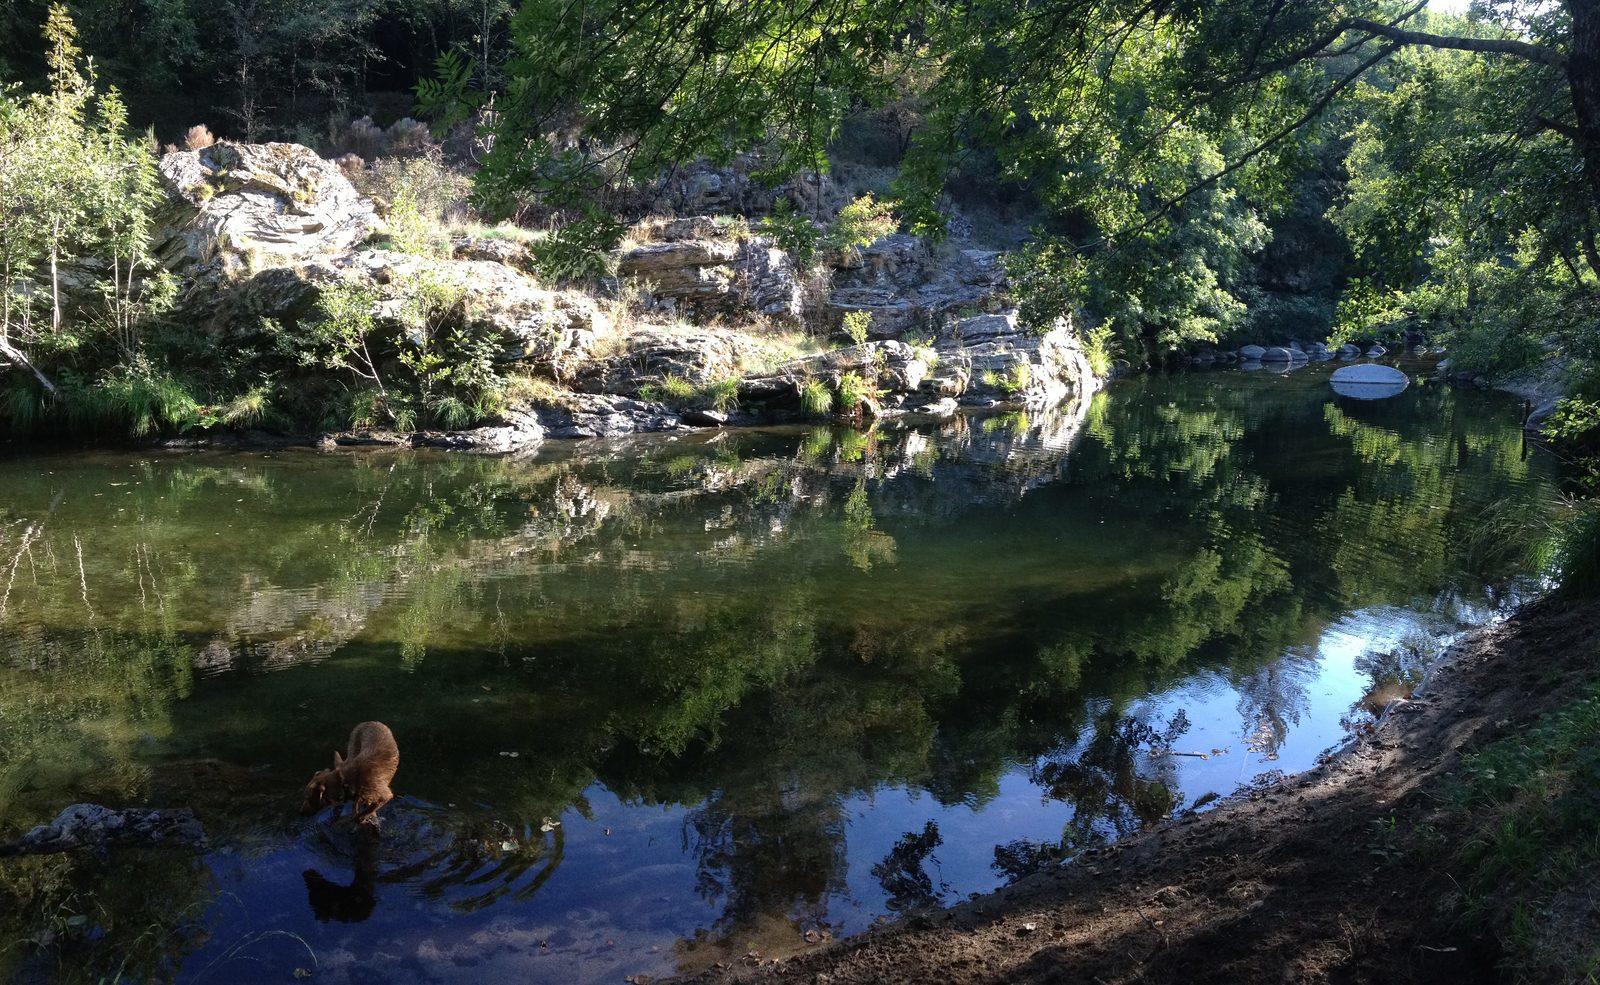 Cevennes, Frankrijk, Languedoc Roussillon, Frankrijk, rivier, vakantie, zwemmen, natuur